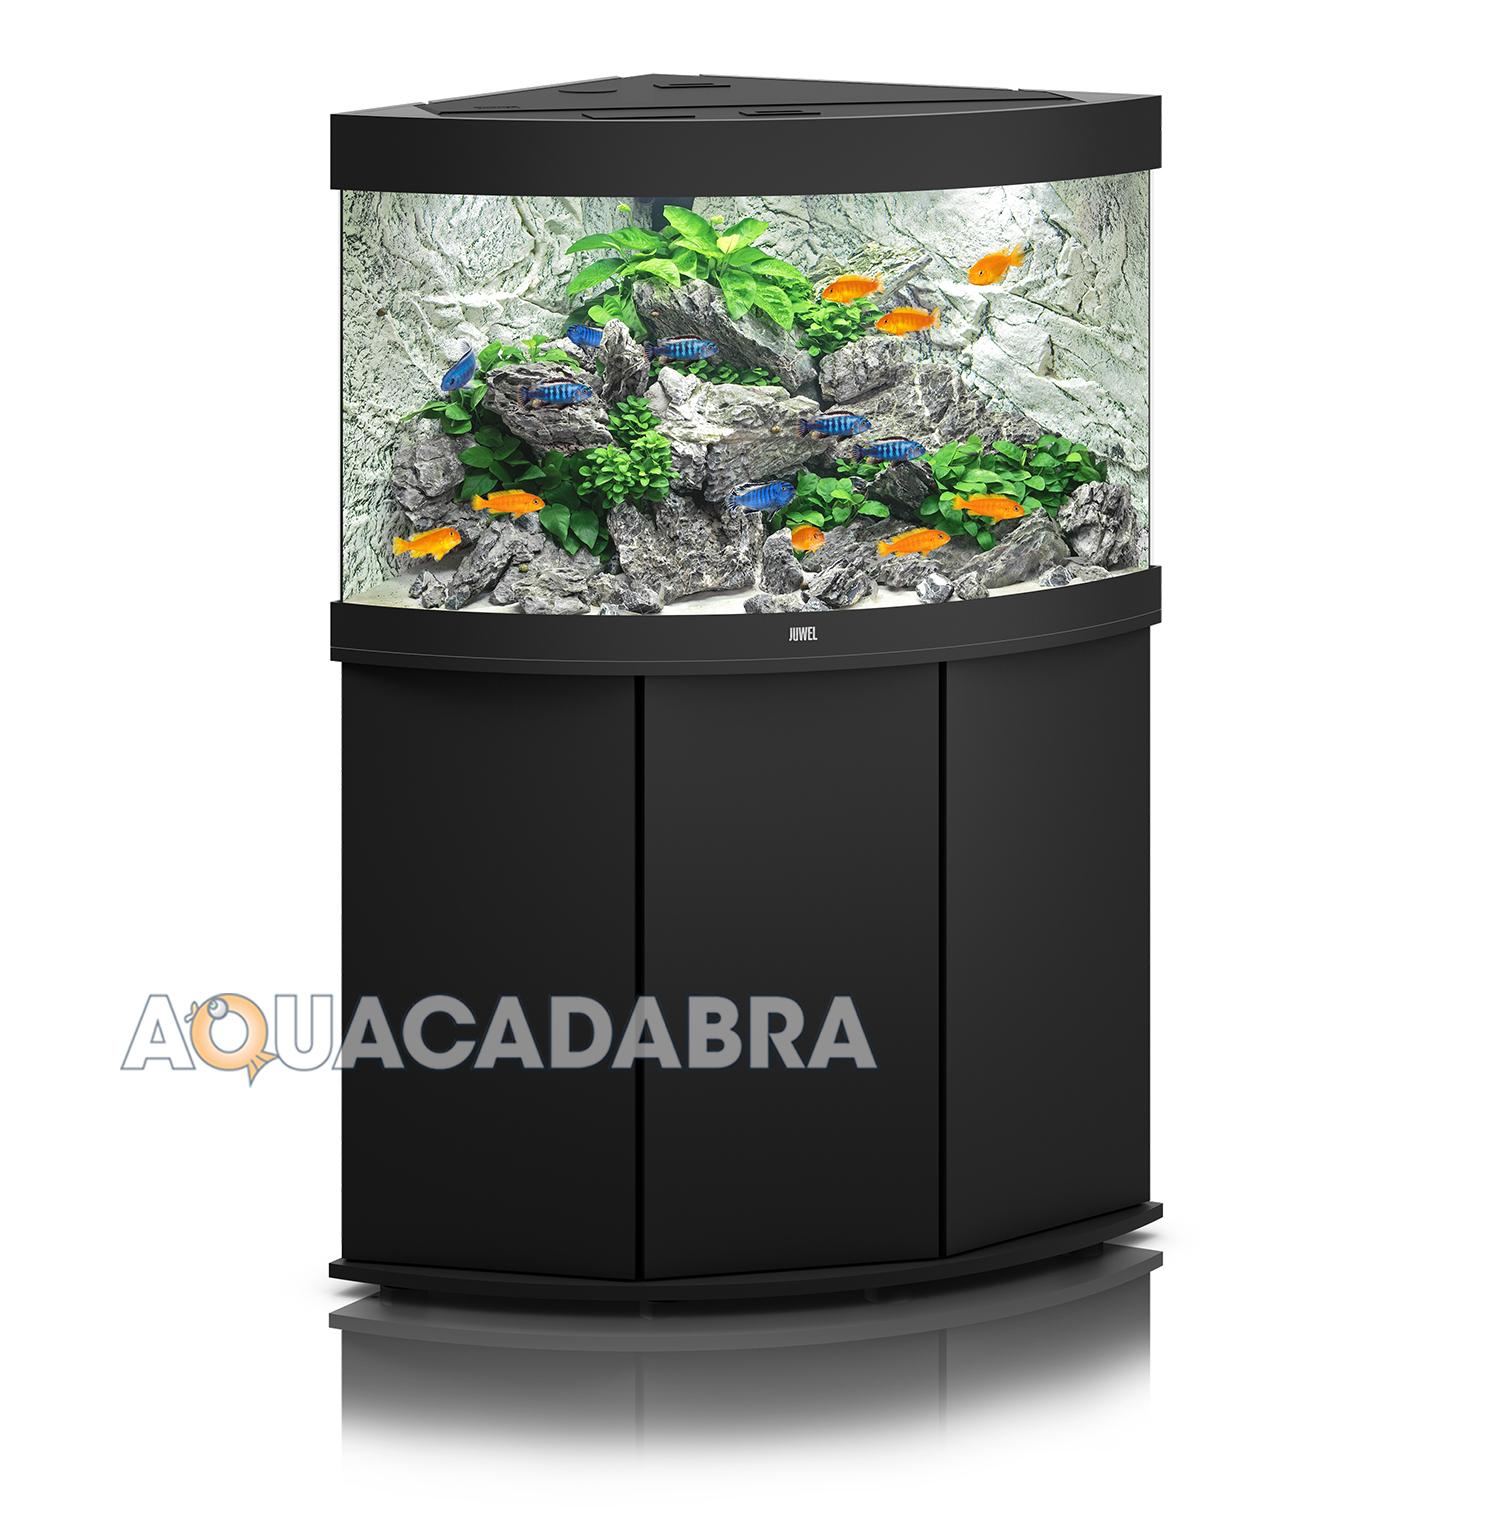 juwel trigon 190 led aquarium cabinet led lighting filter heater ebay. Black Bedroom Furniture Sets. Home Design Ideas